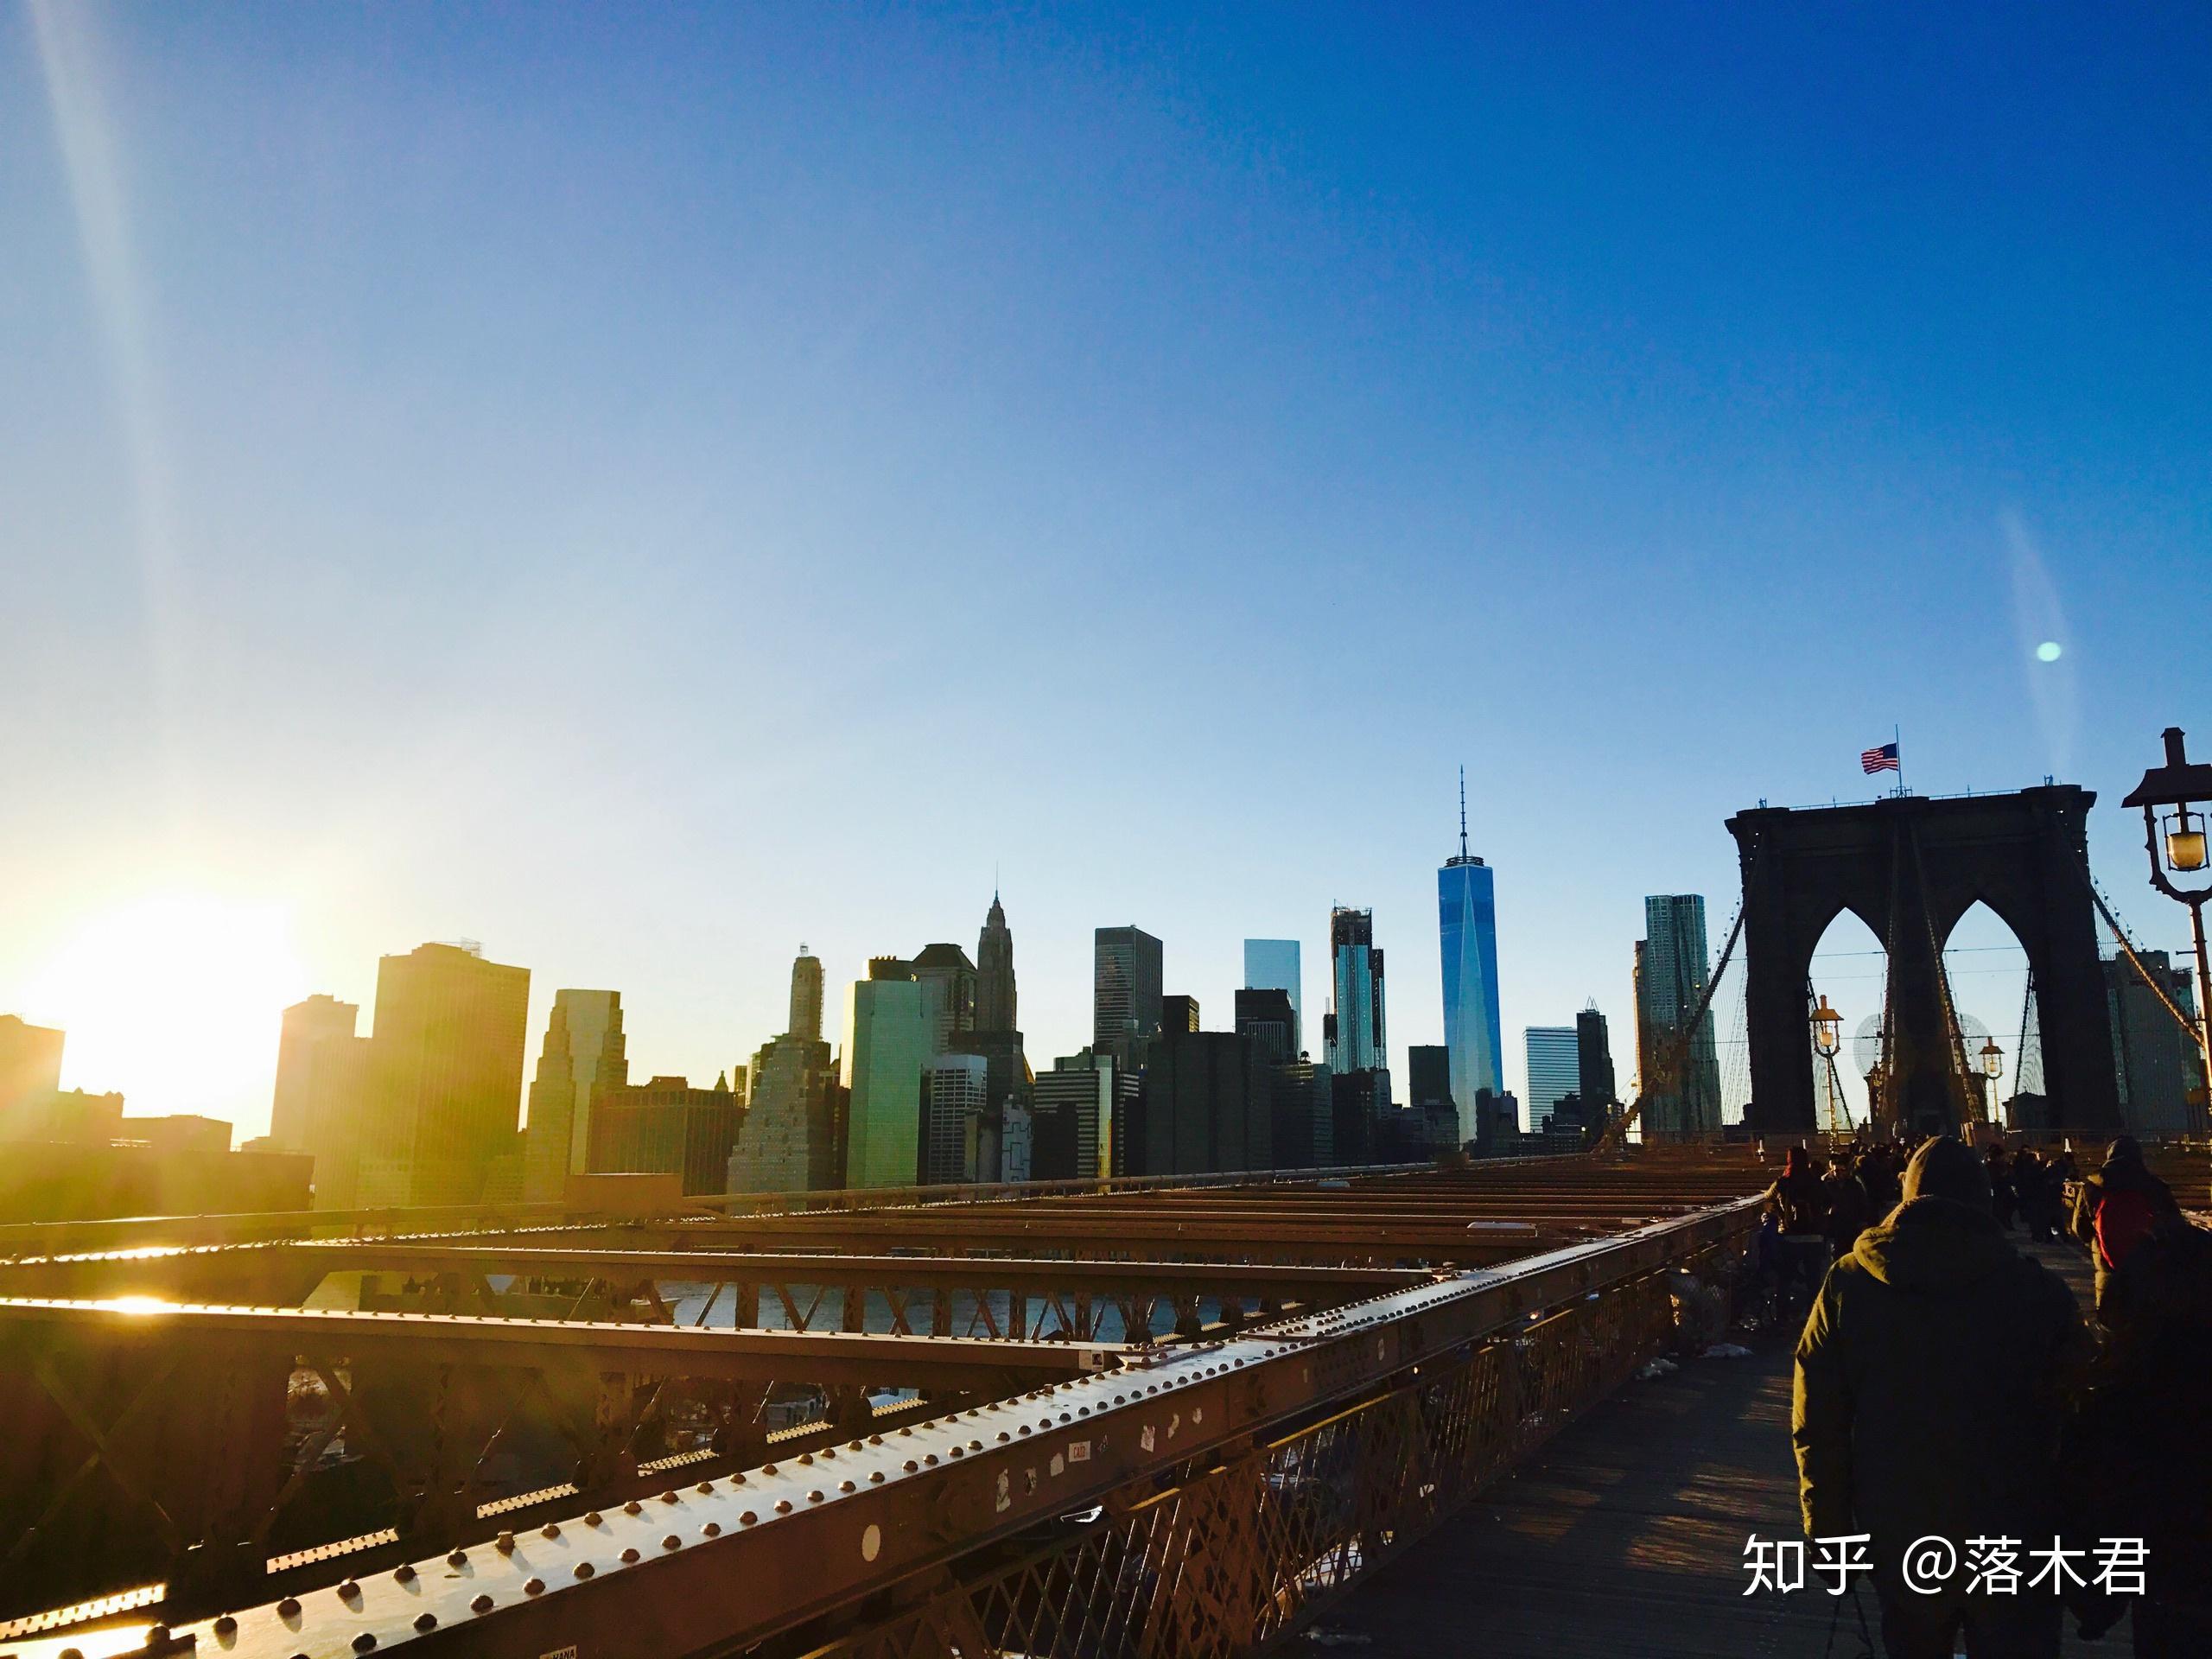 大隐隐于市什么意思_在美国纽约生活到底是什么感觉? - 知乎